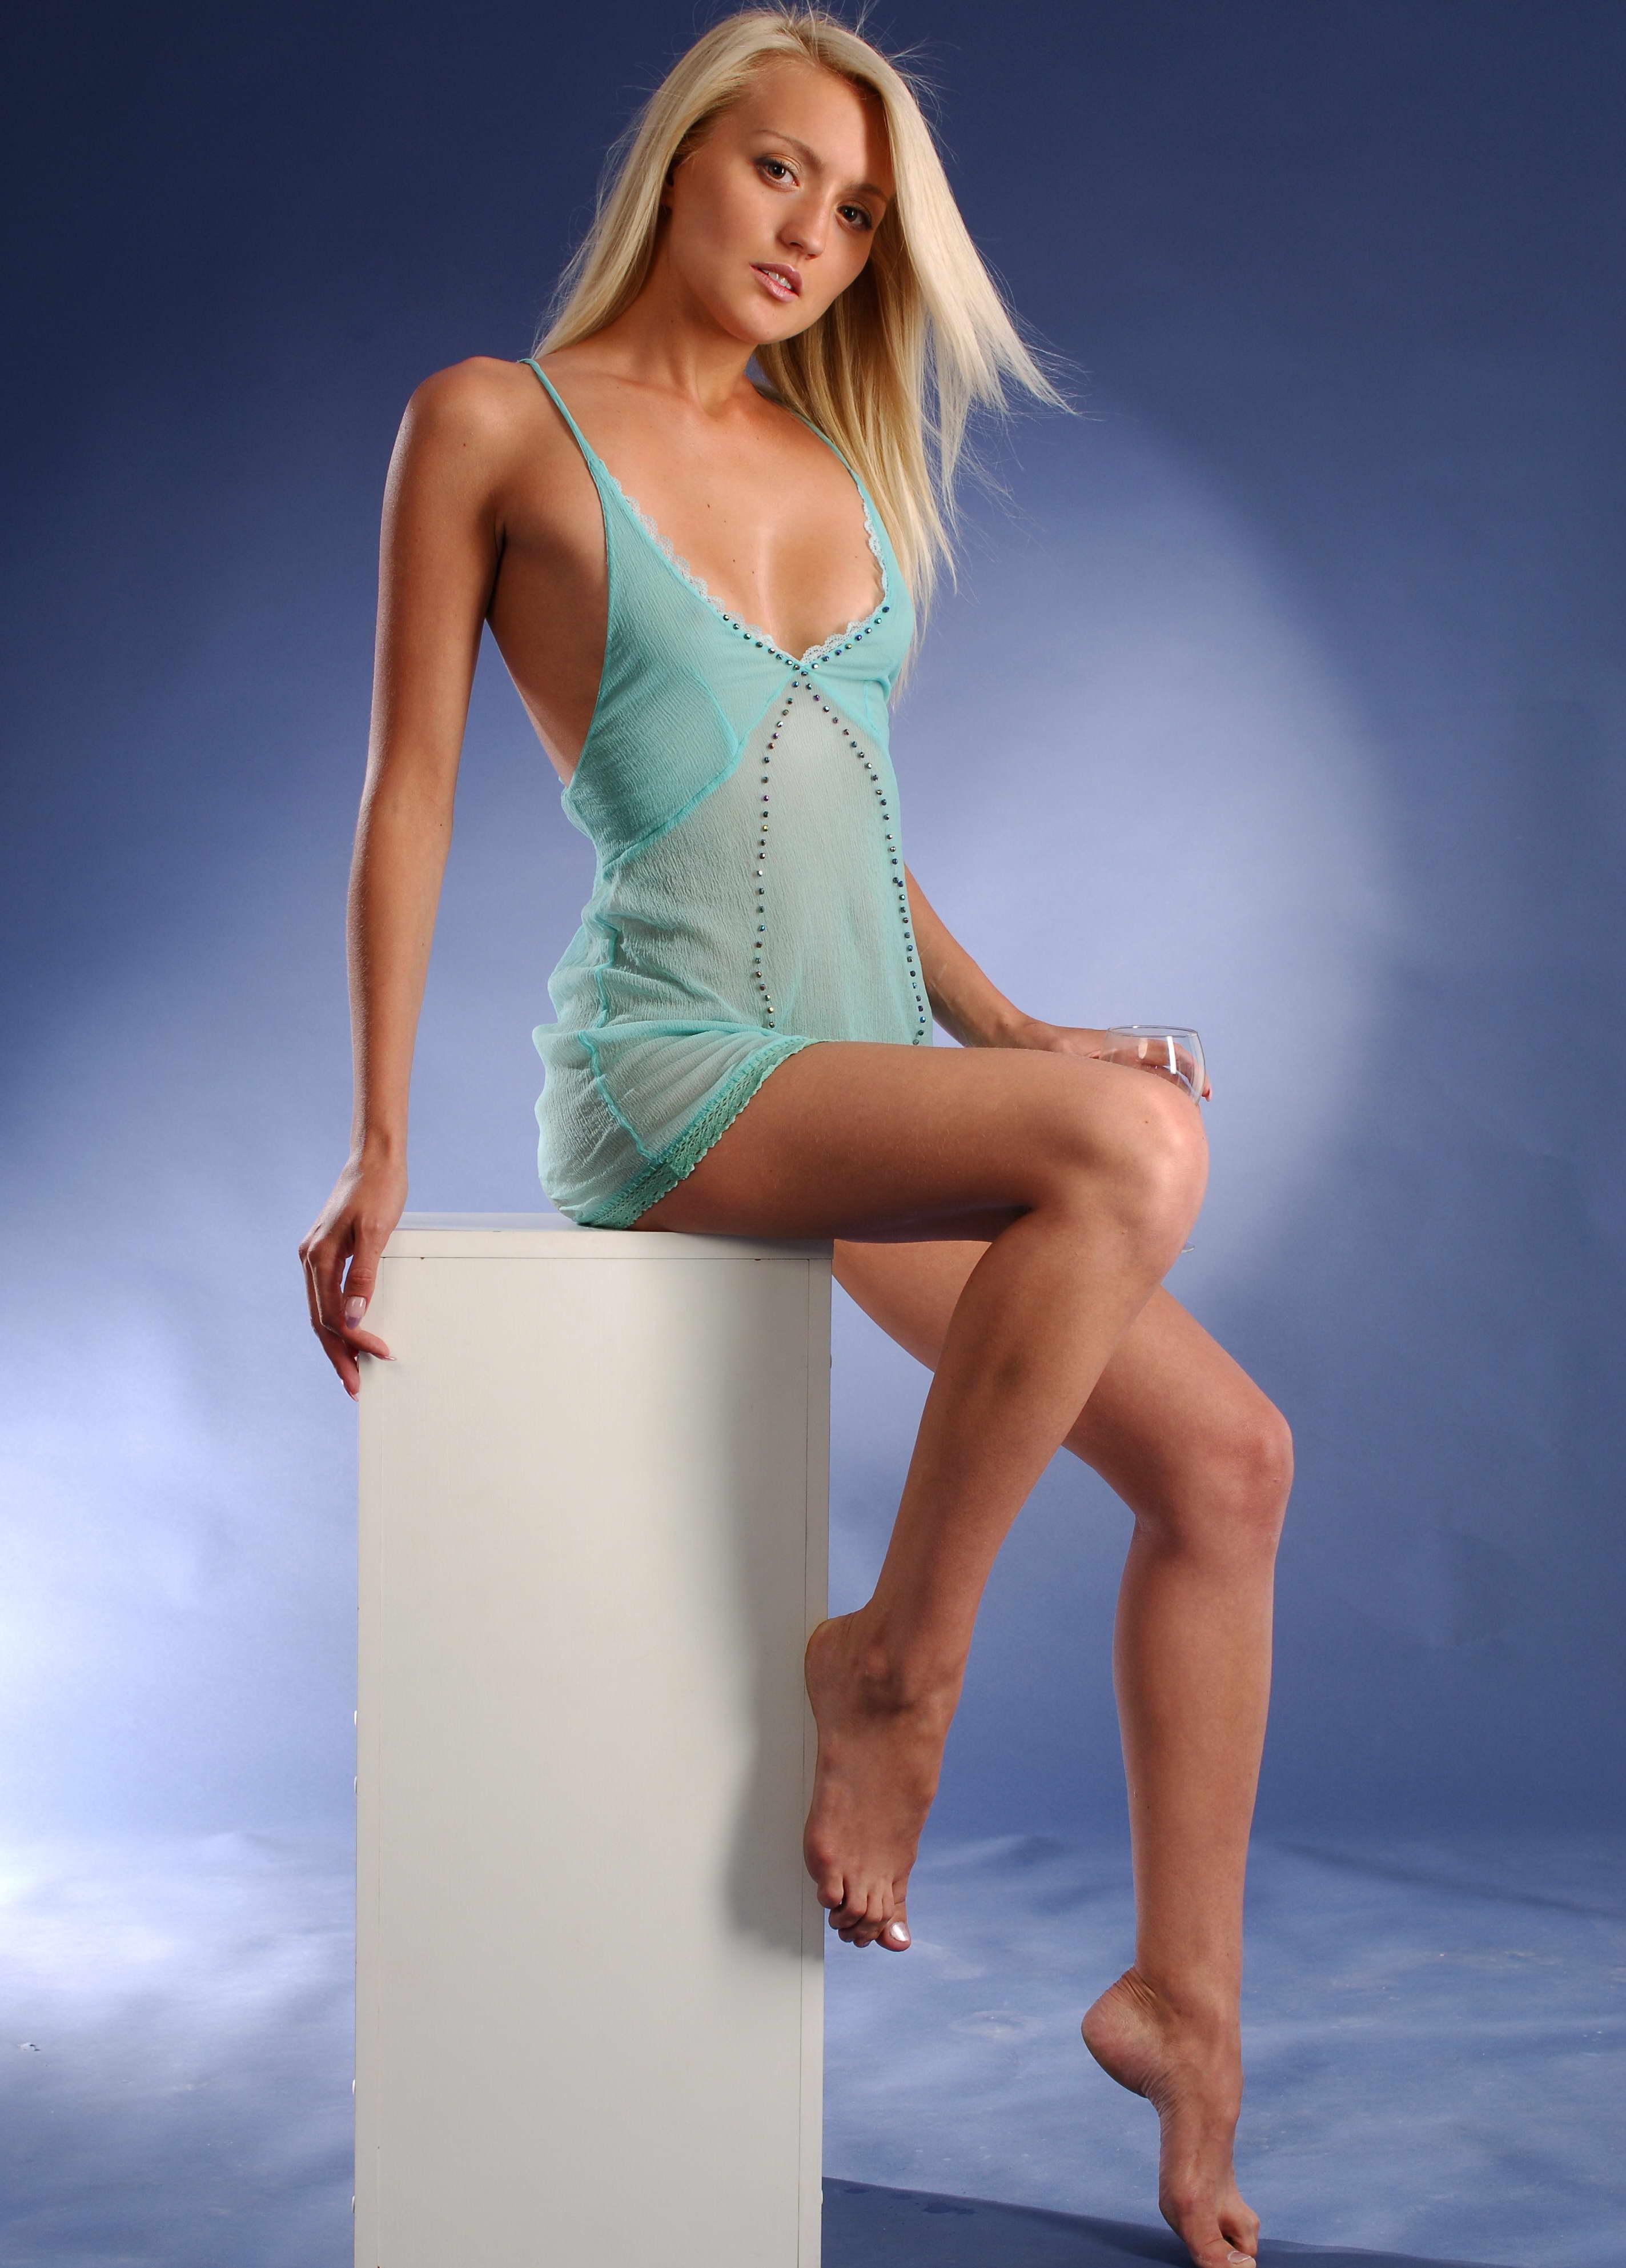 jung und sehr sexy blond